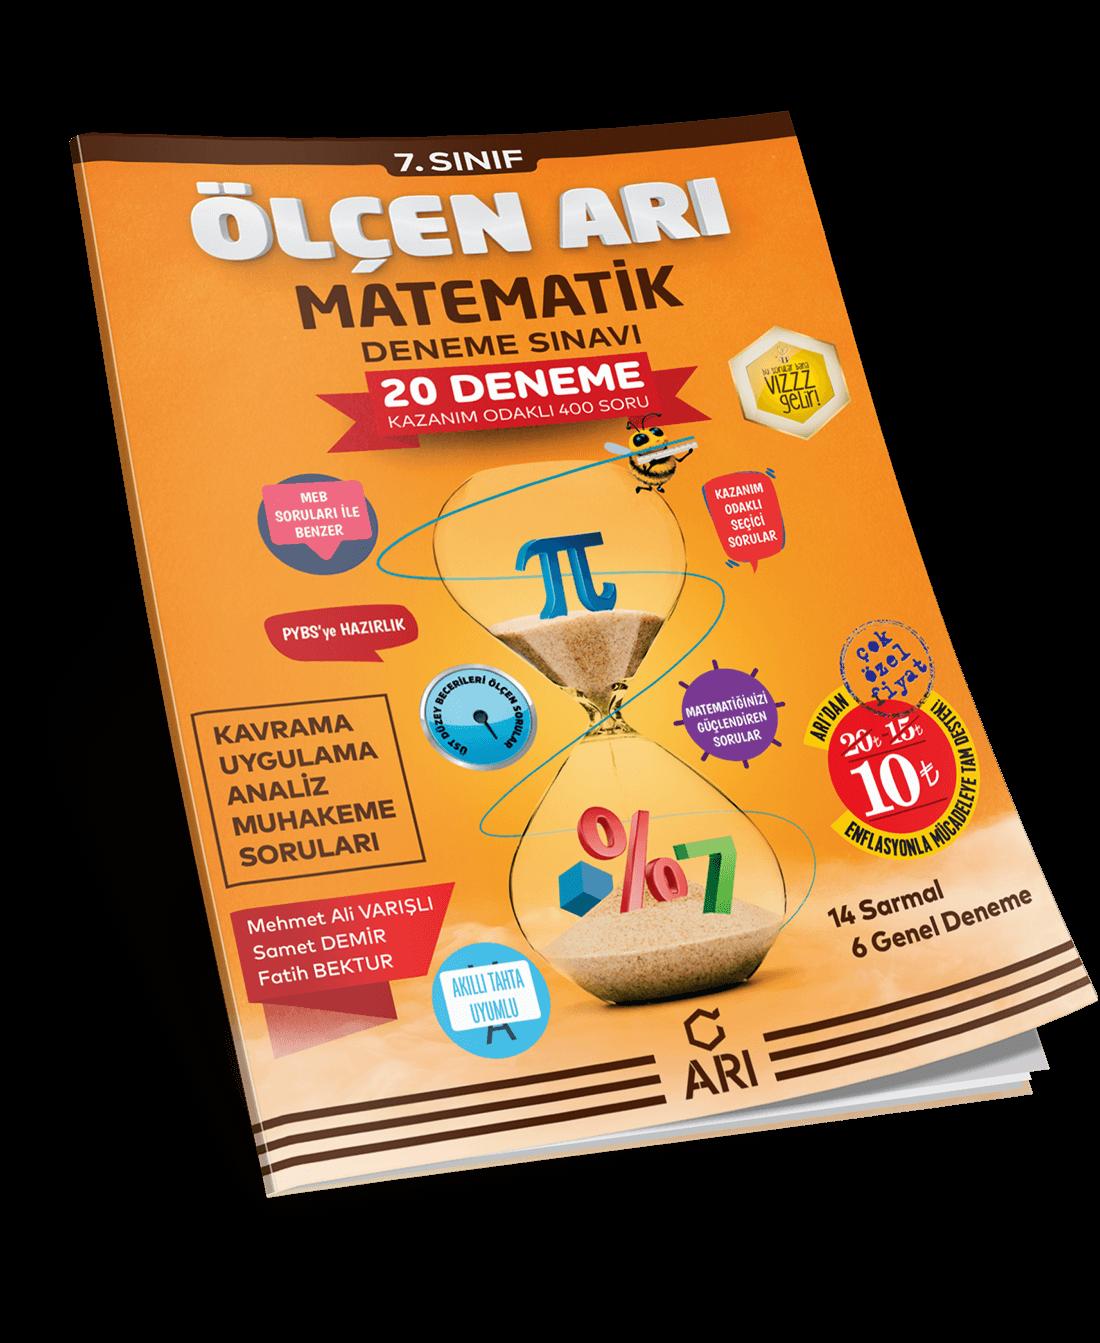 Ölçen Arı Matematik Deneme Sınavı 7. Sınıf